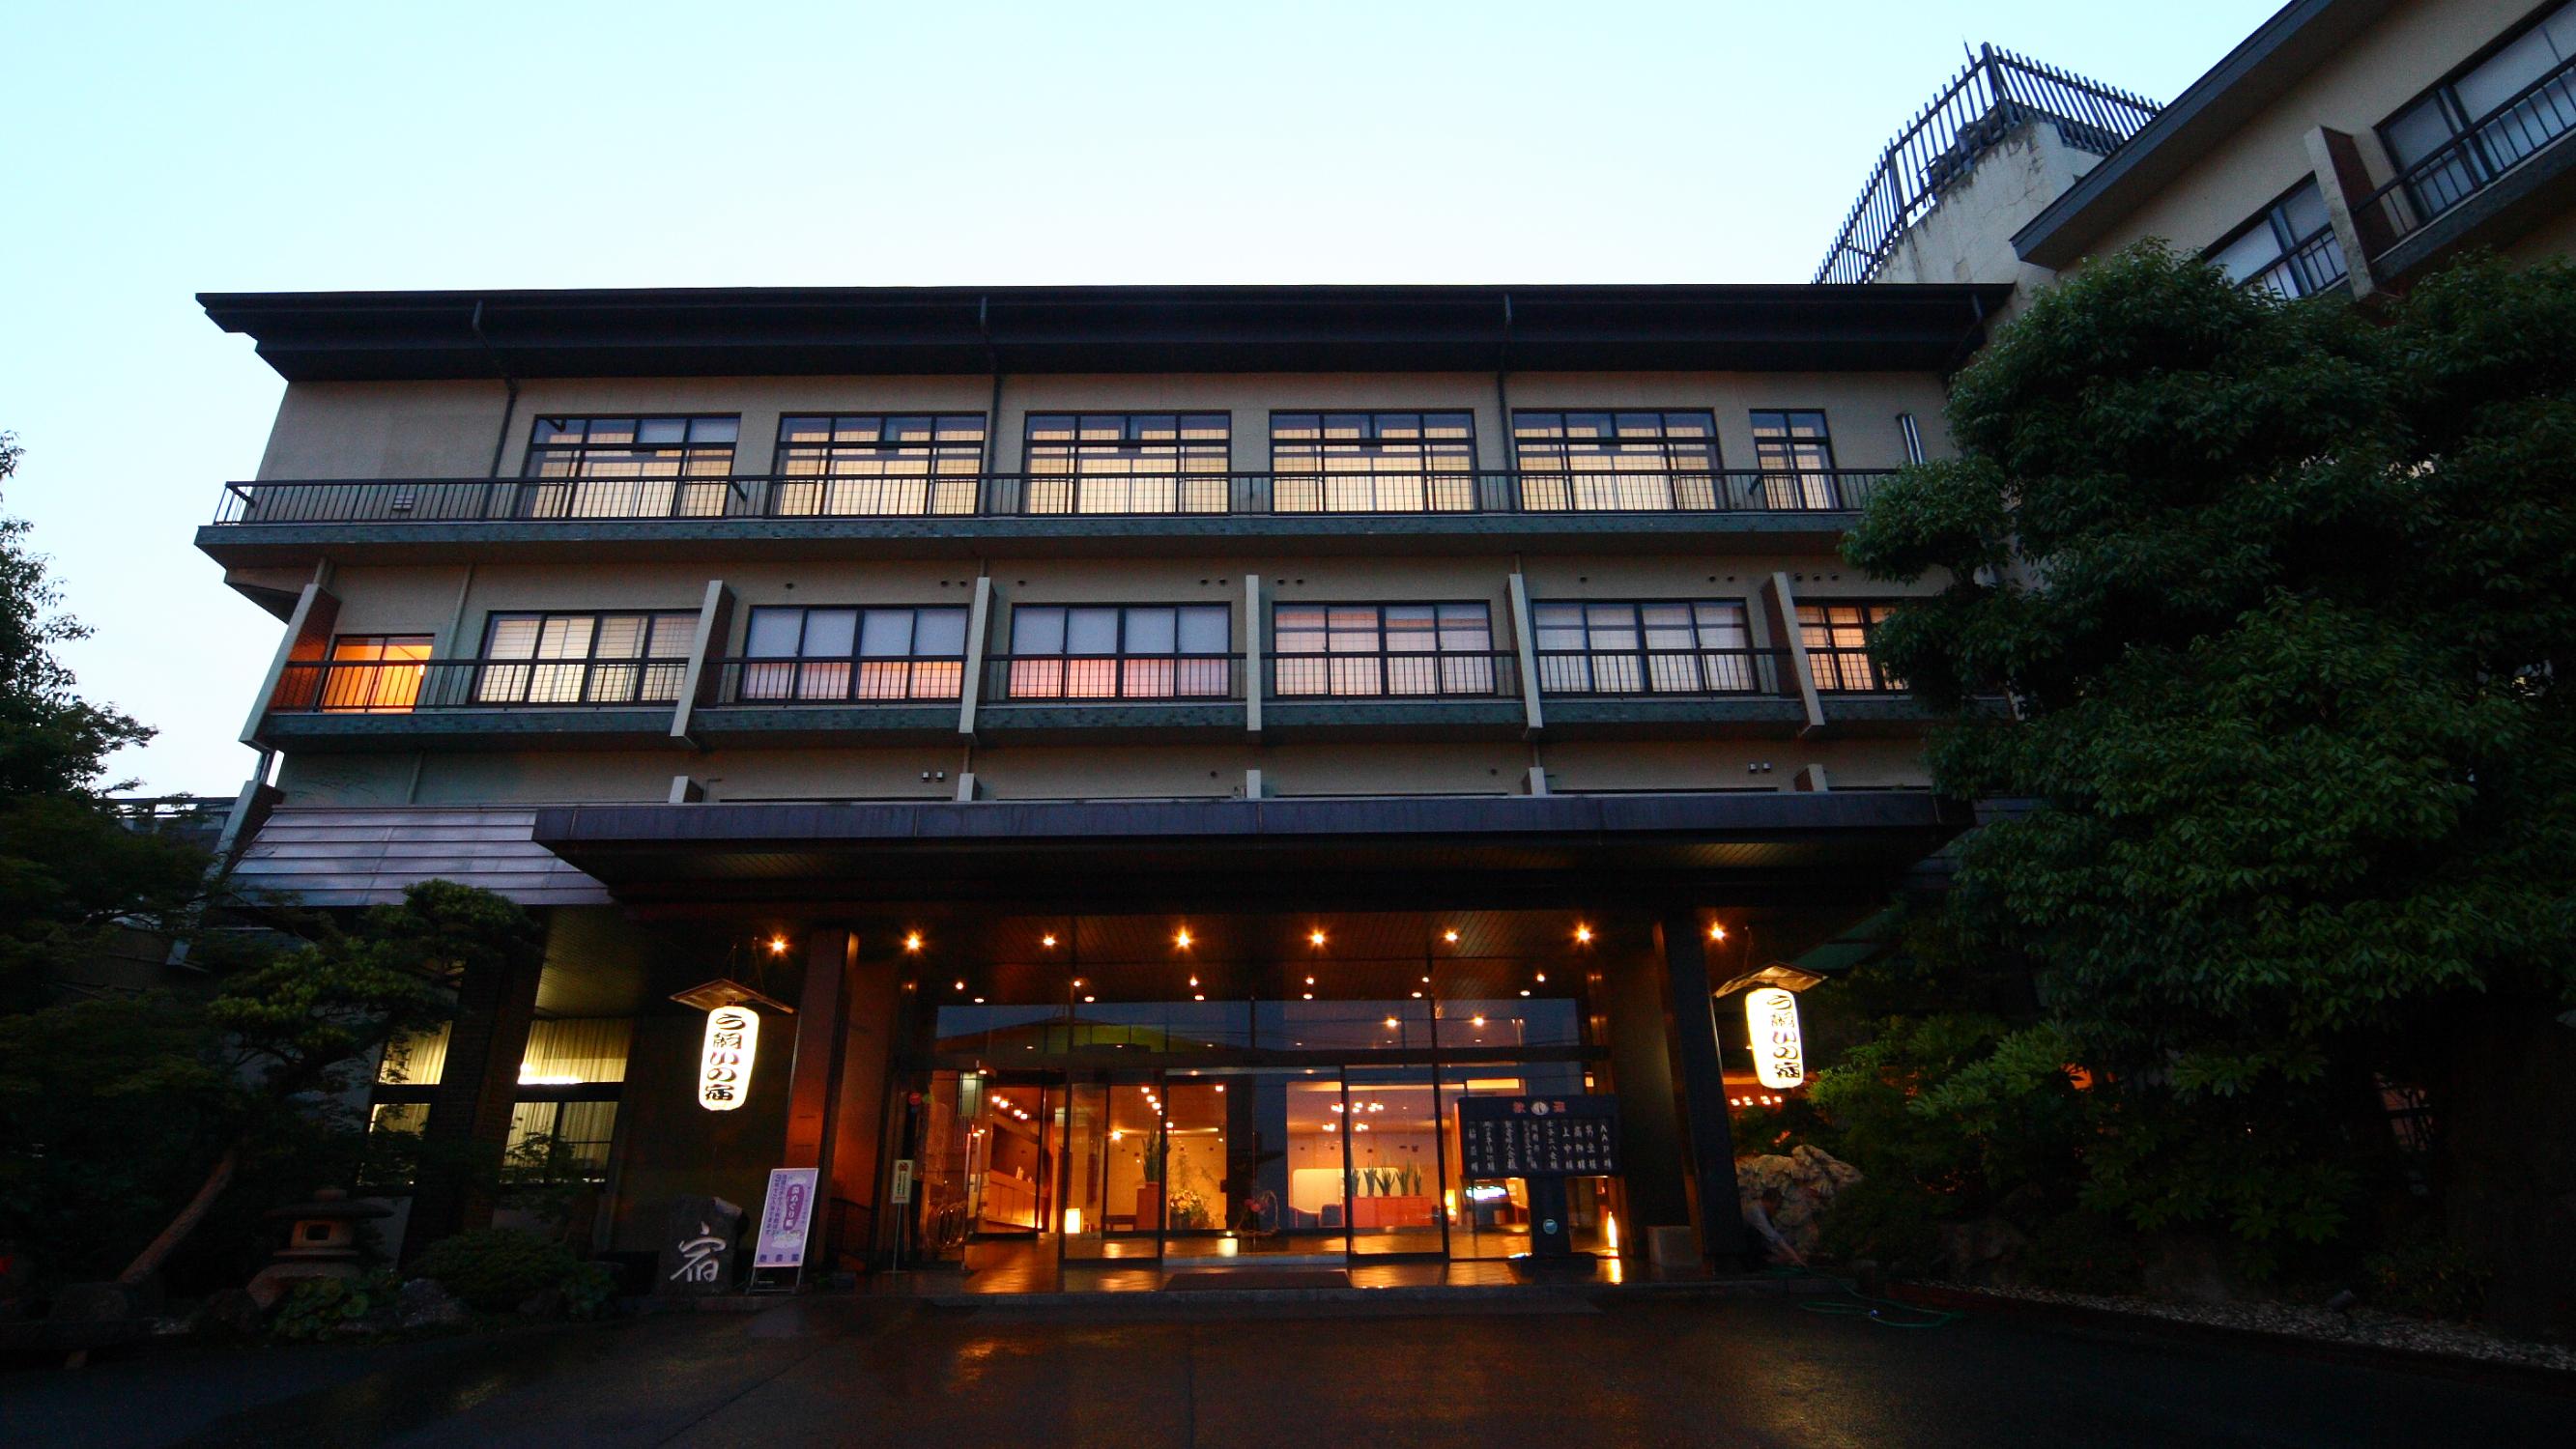 九州の温泉でお湯が「トポトポ」のとろみがある温泉はありますか?